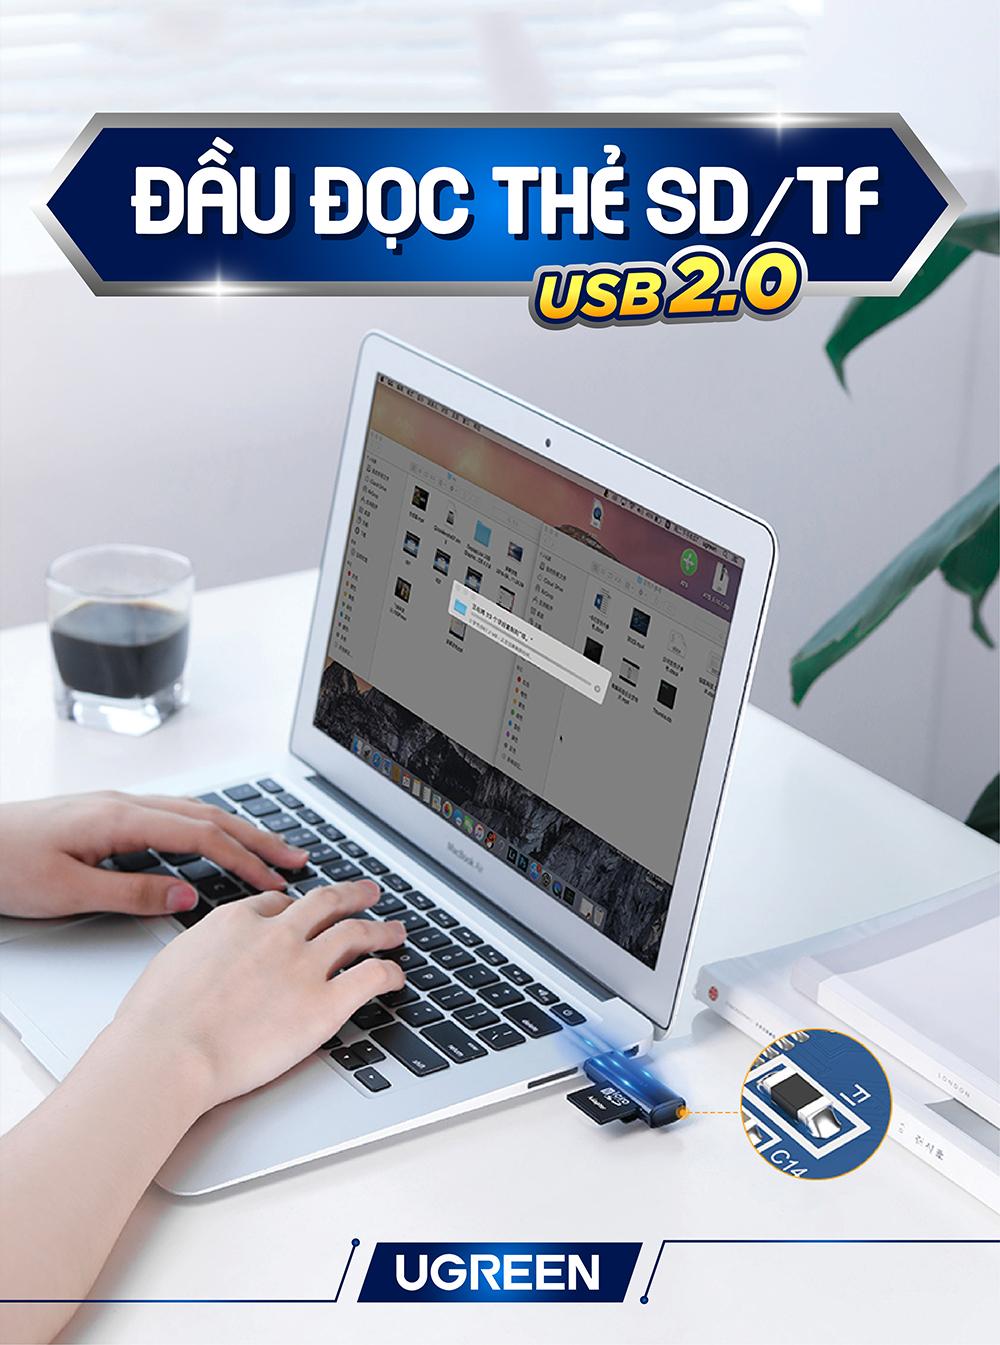 Đầu đọc thẻ SD/TF chuẩn USB 2.0 UGREEN CM180 60721 - Hàng chính hãng